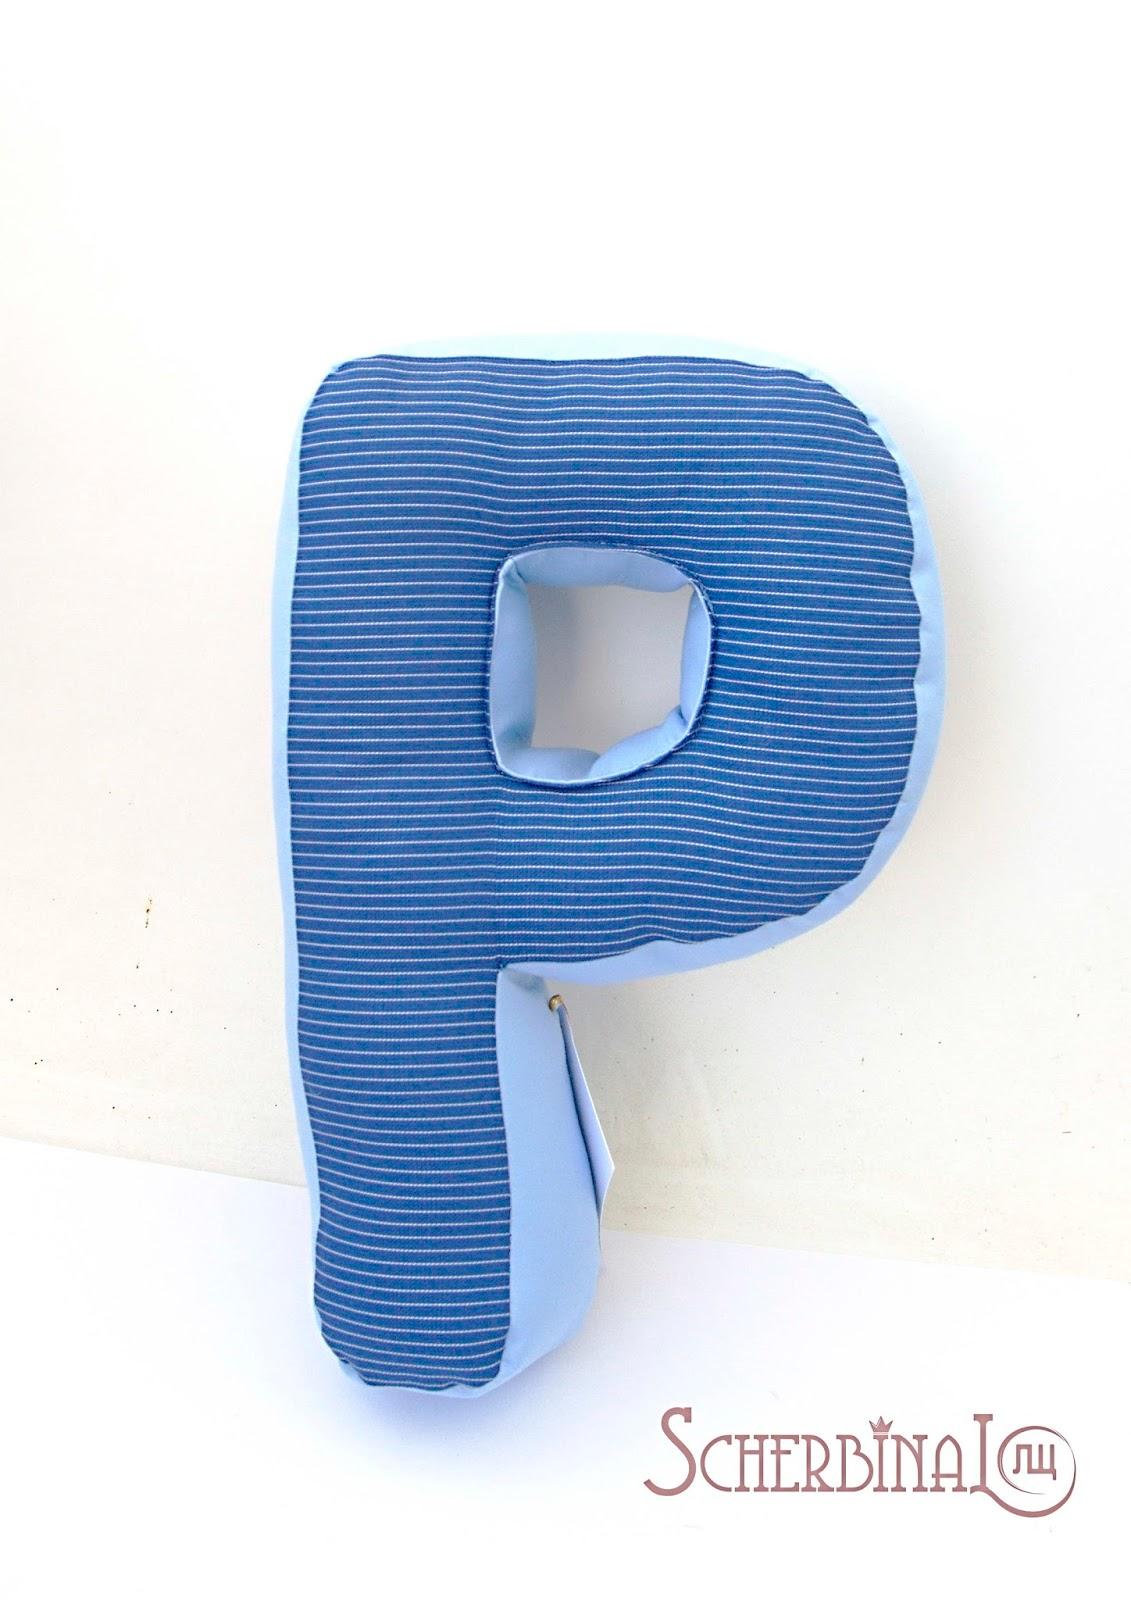 мягкие буквы подушки, подарок для мальчика